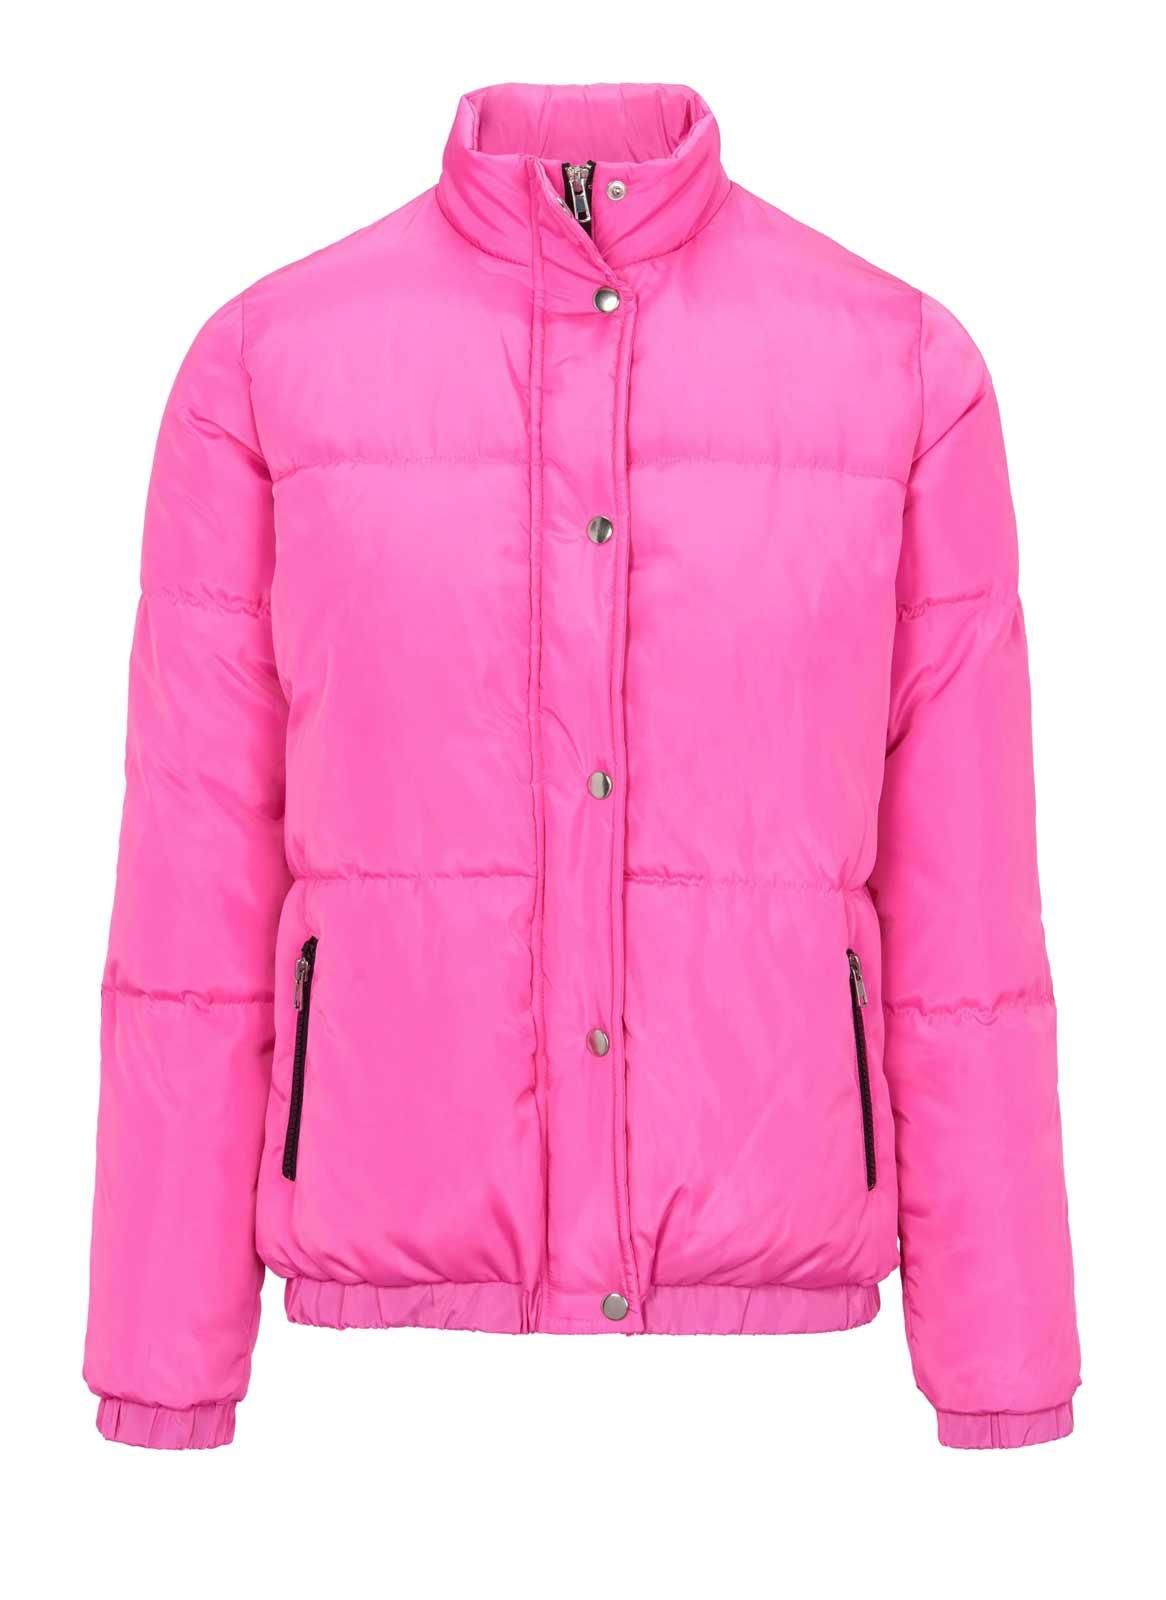 jacken auf rechnung bestellen als neukunde HEINE Damen Designer-Outdoor-Steppjacke Pink 987.049 MISSFORTY